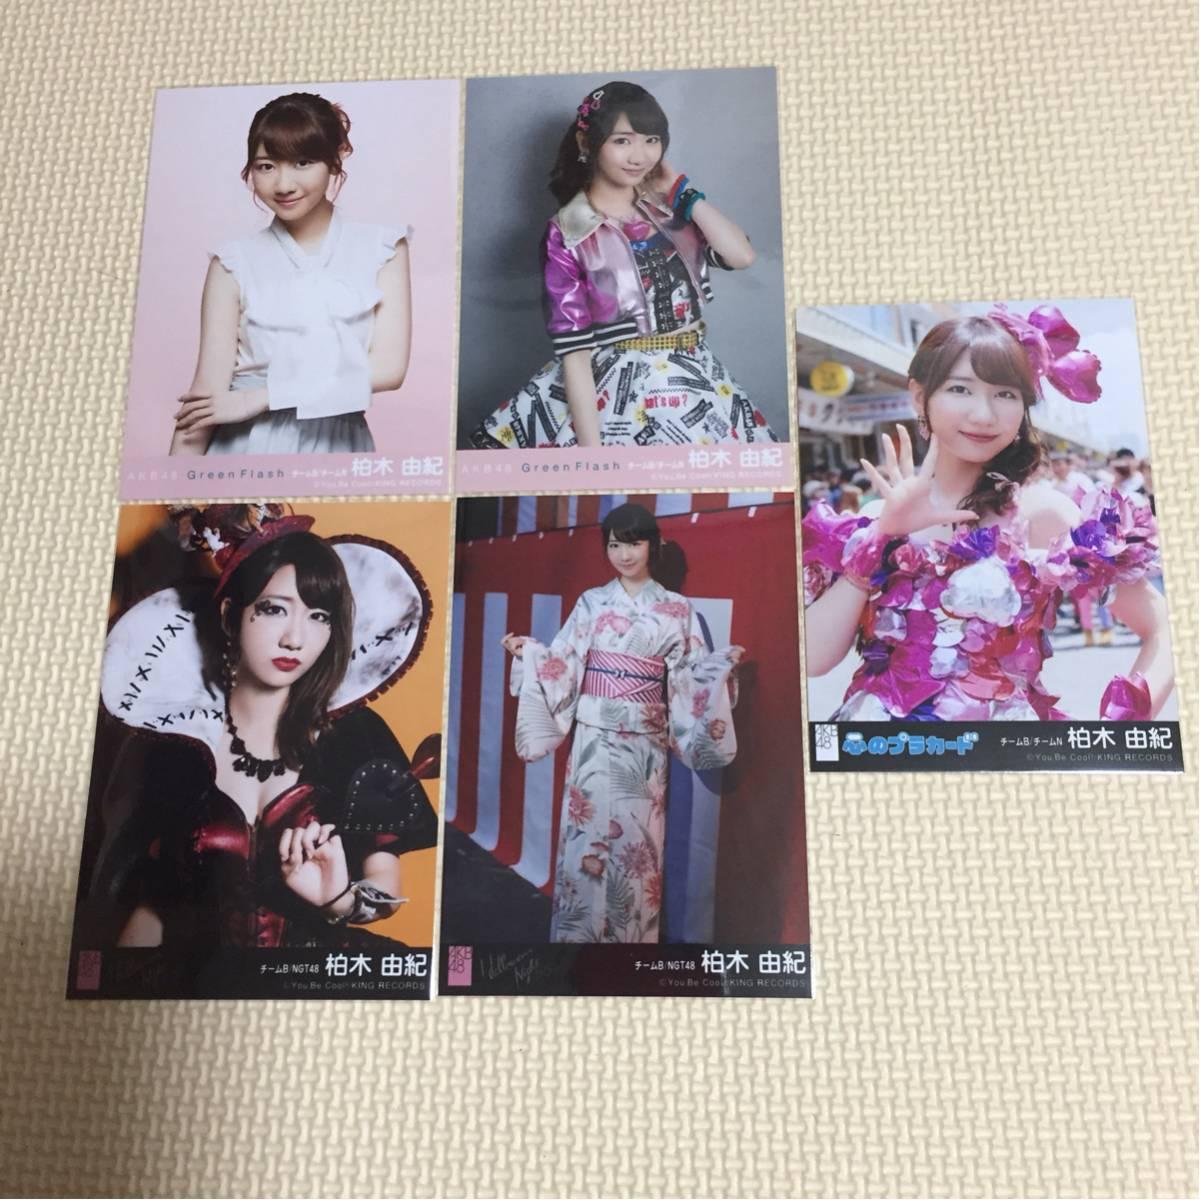 AKB48 NGT48 柏木由紀 写真5枚まとめ グリーンフラッシュ劇場盤 ハロウィンナイト劇場盤 心のプラカード劇場盤